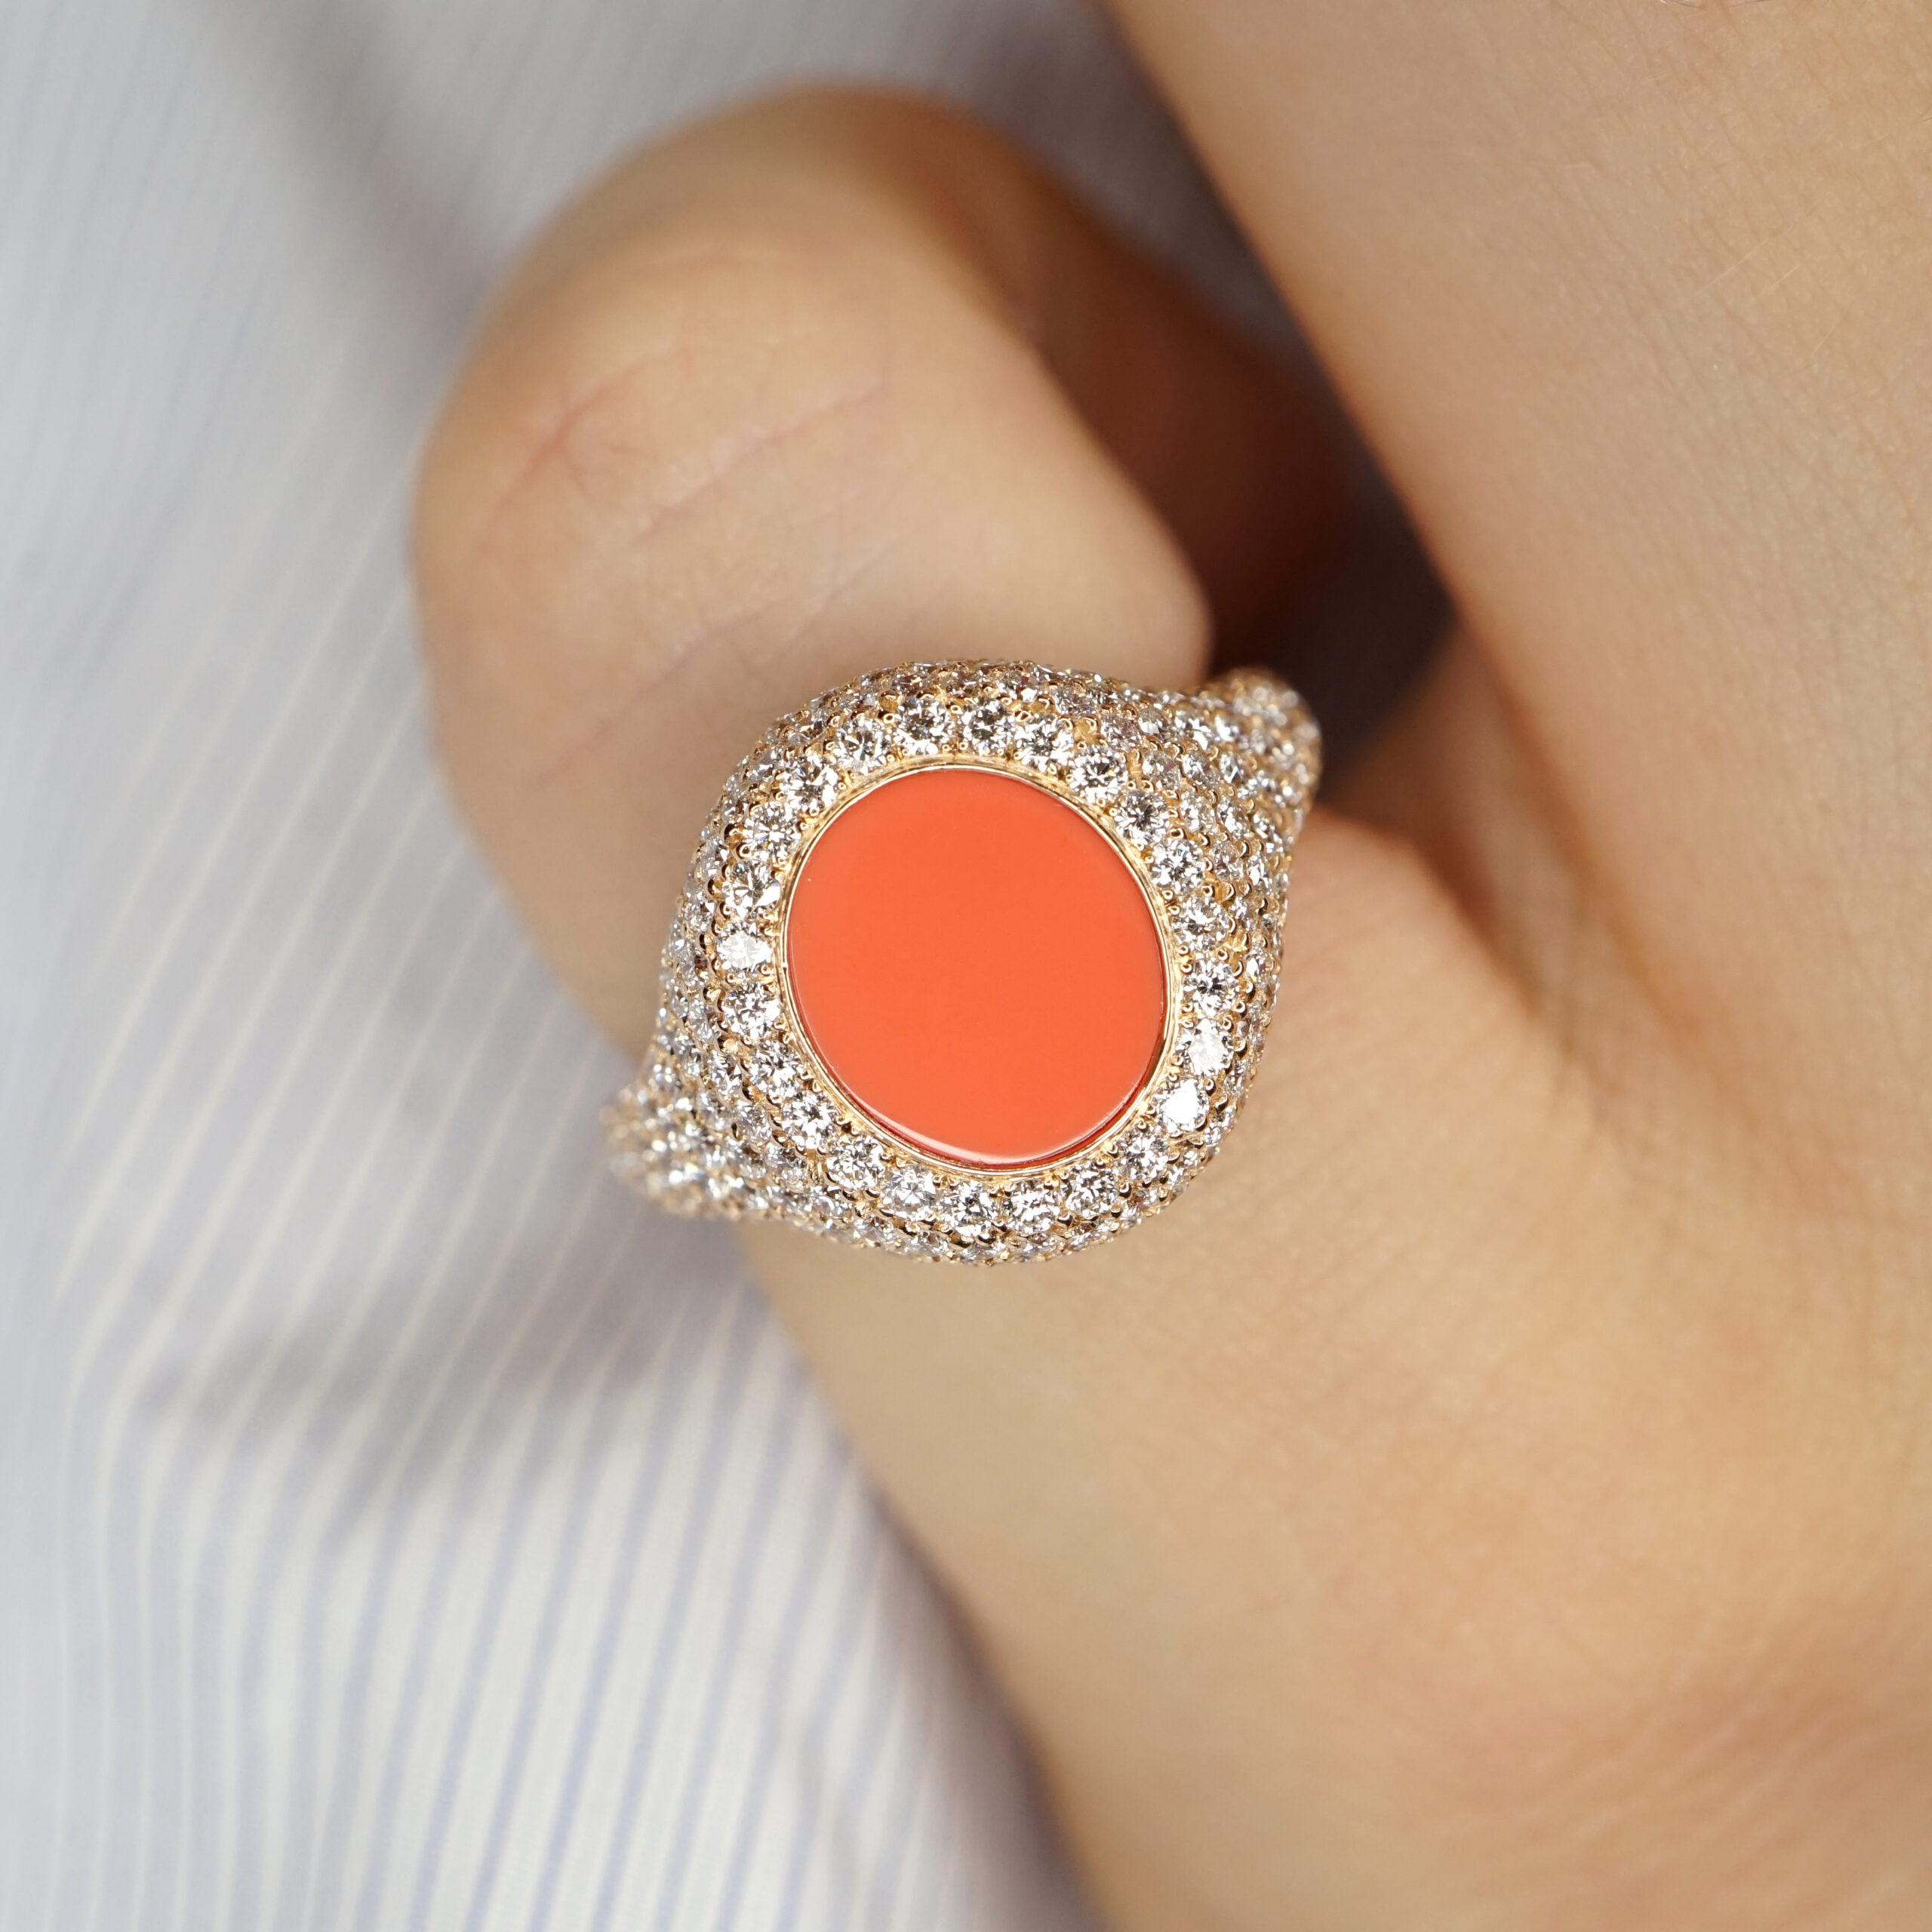 Crivelli - Anello chevalier in oro rosa, diamanti e corallo ovale centrale